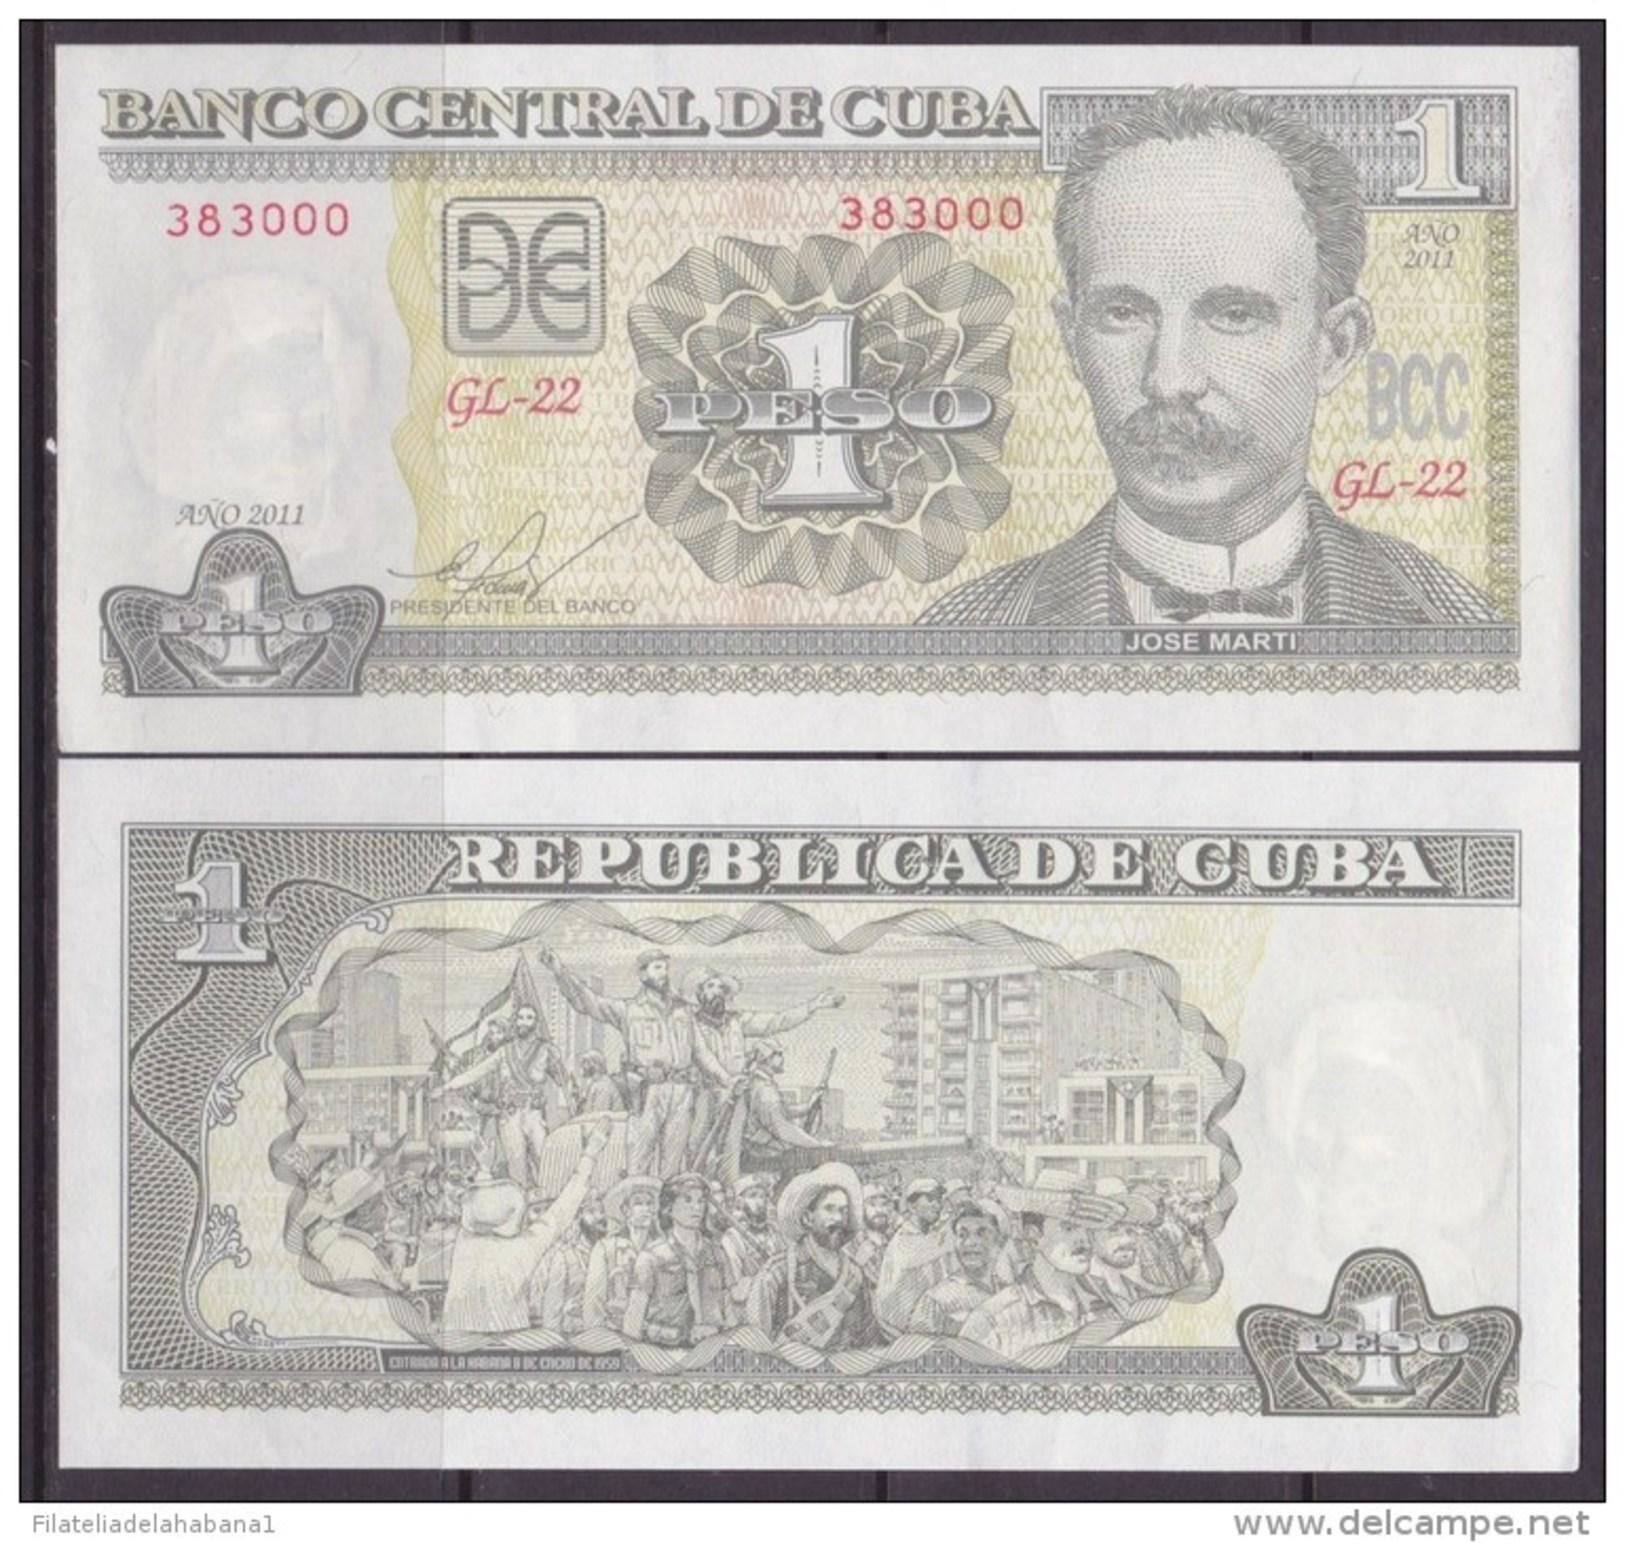 2011-BK-5 CUBA 2011 1$ JOSE MARTI UNC. - Cuba